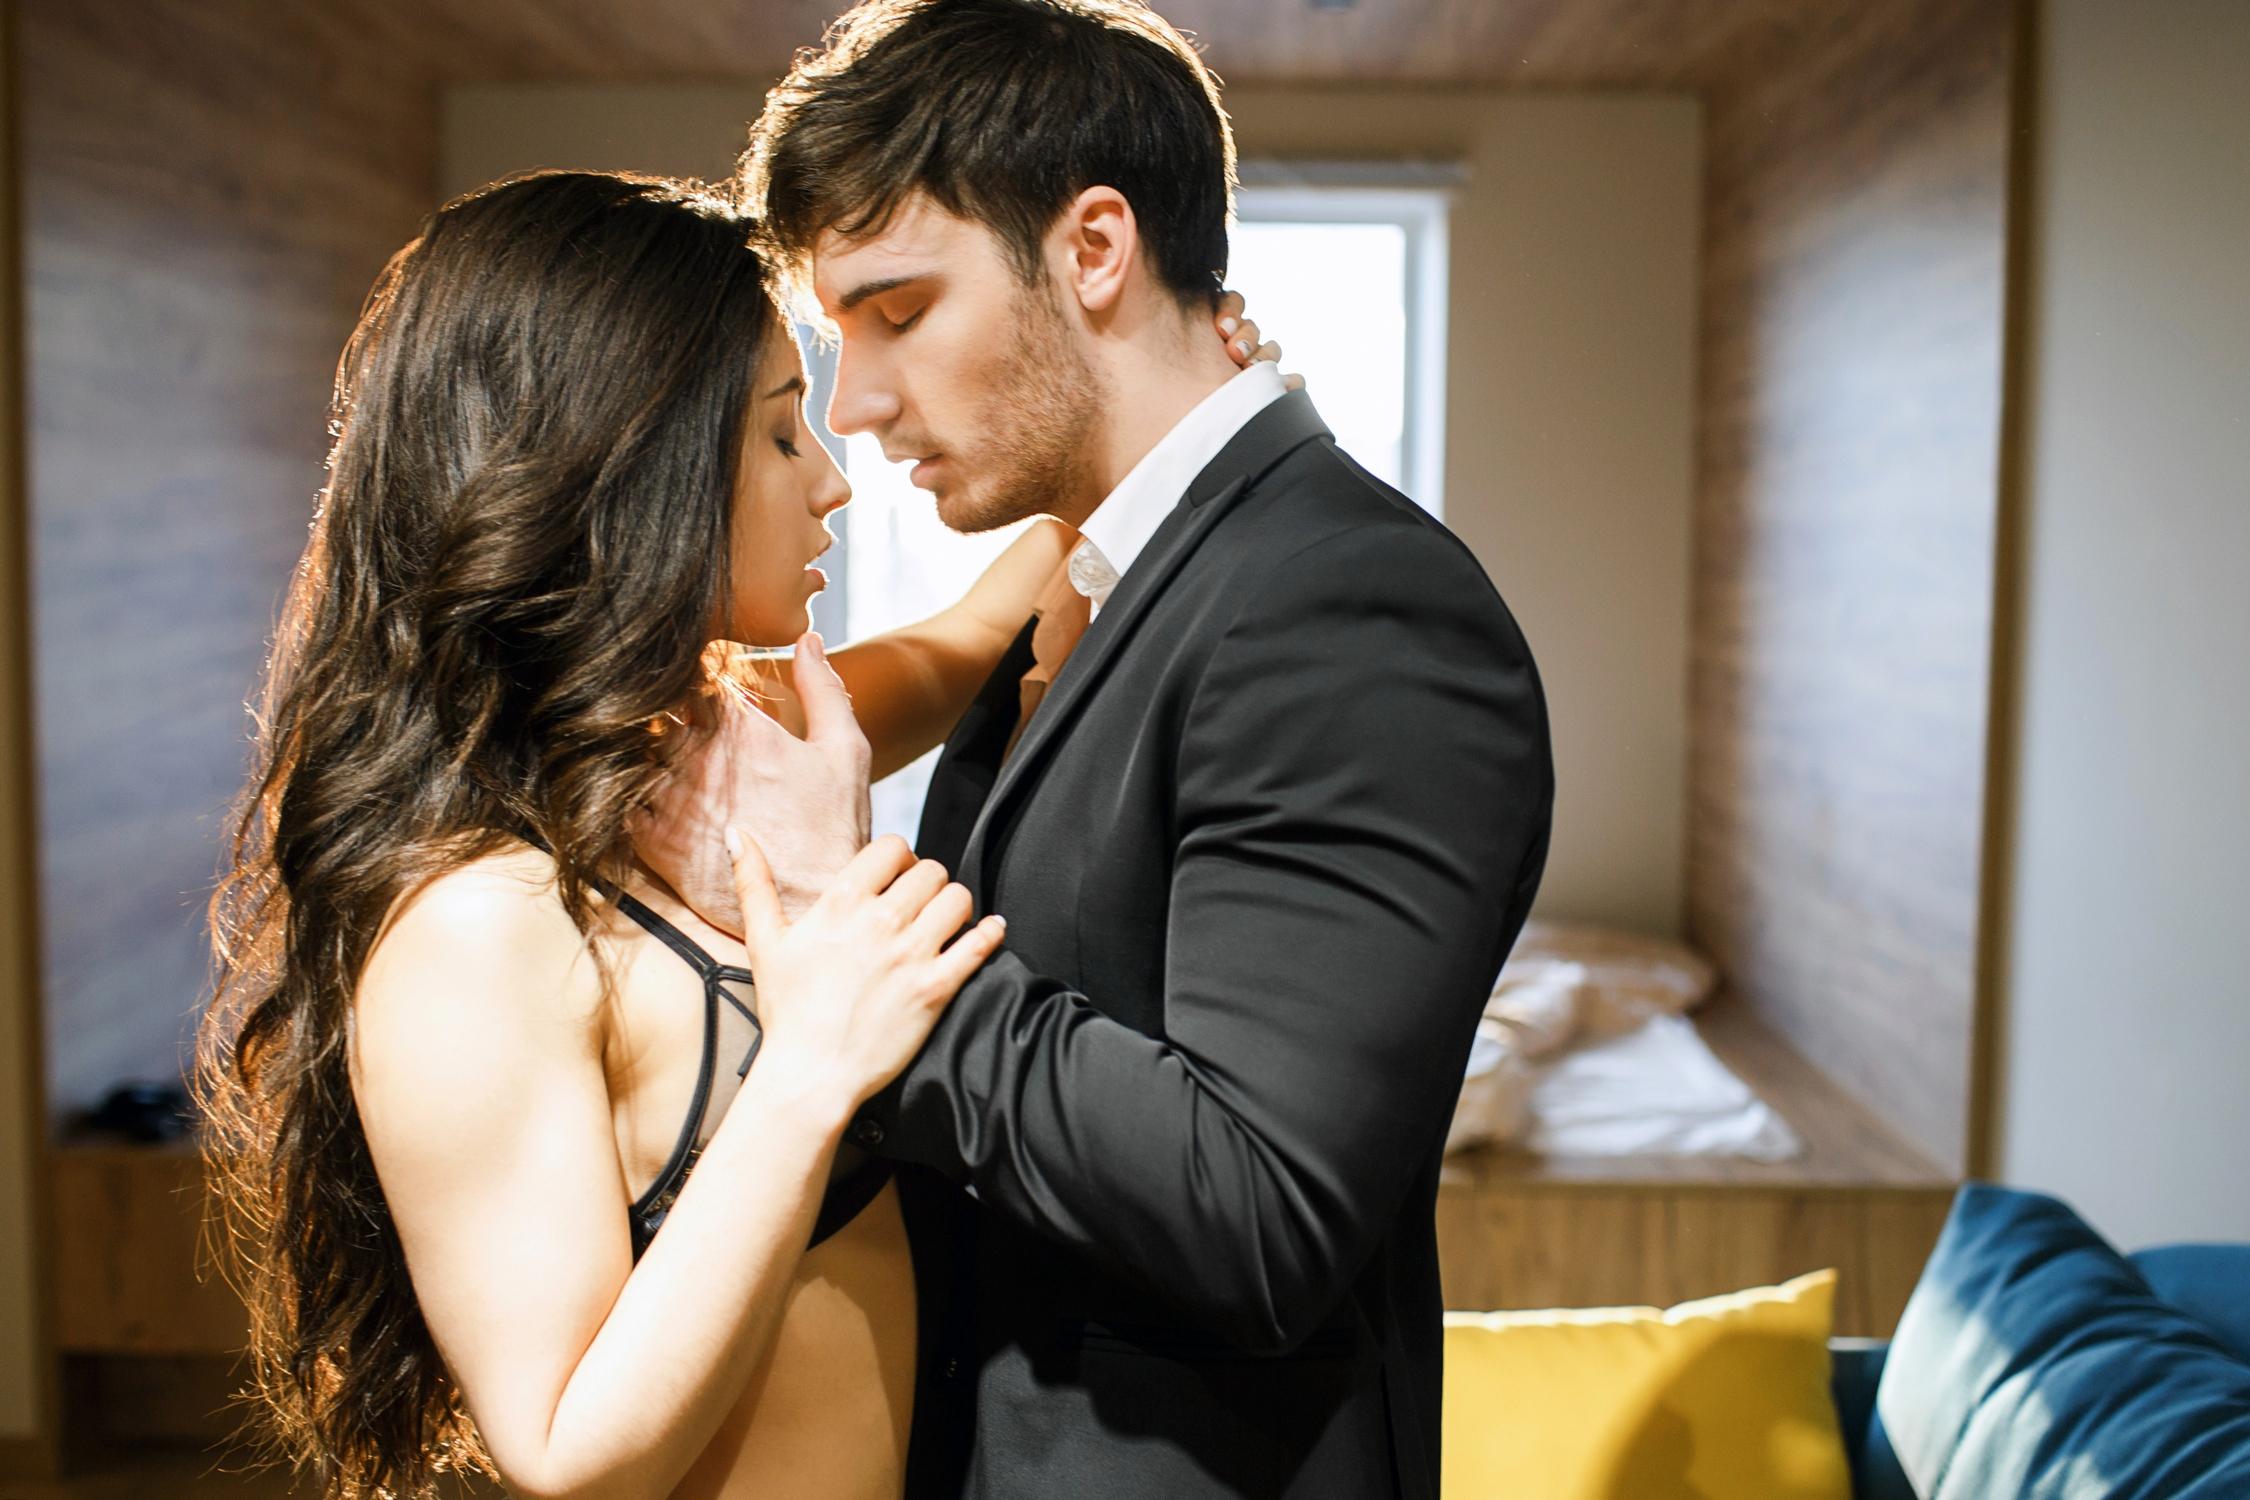 5 sposobów na zachowanie sprawności seksualnej przez mężczyzn - MrGentleman.pl